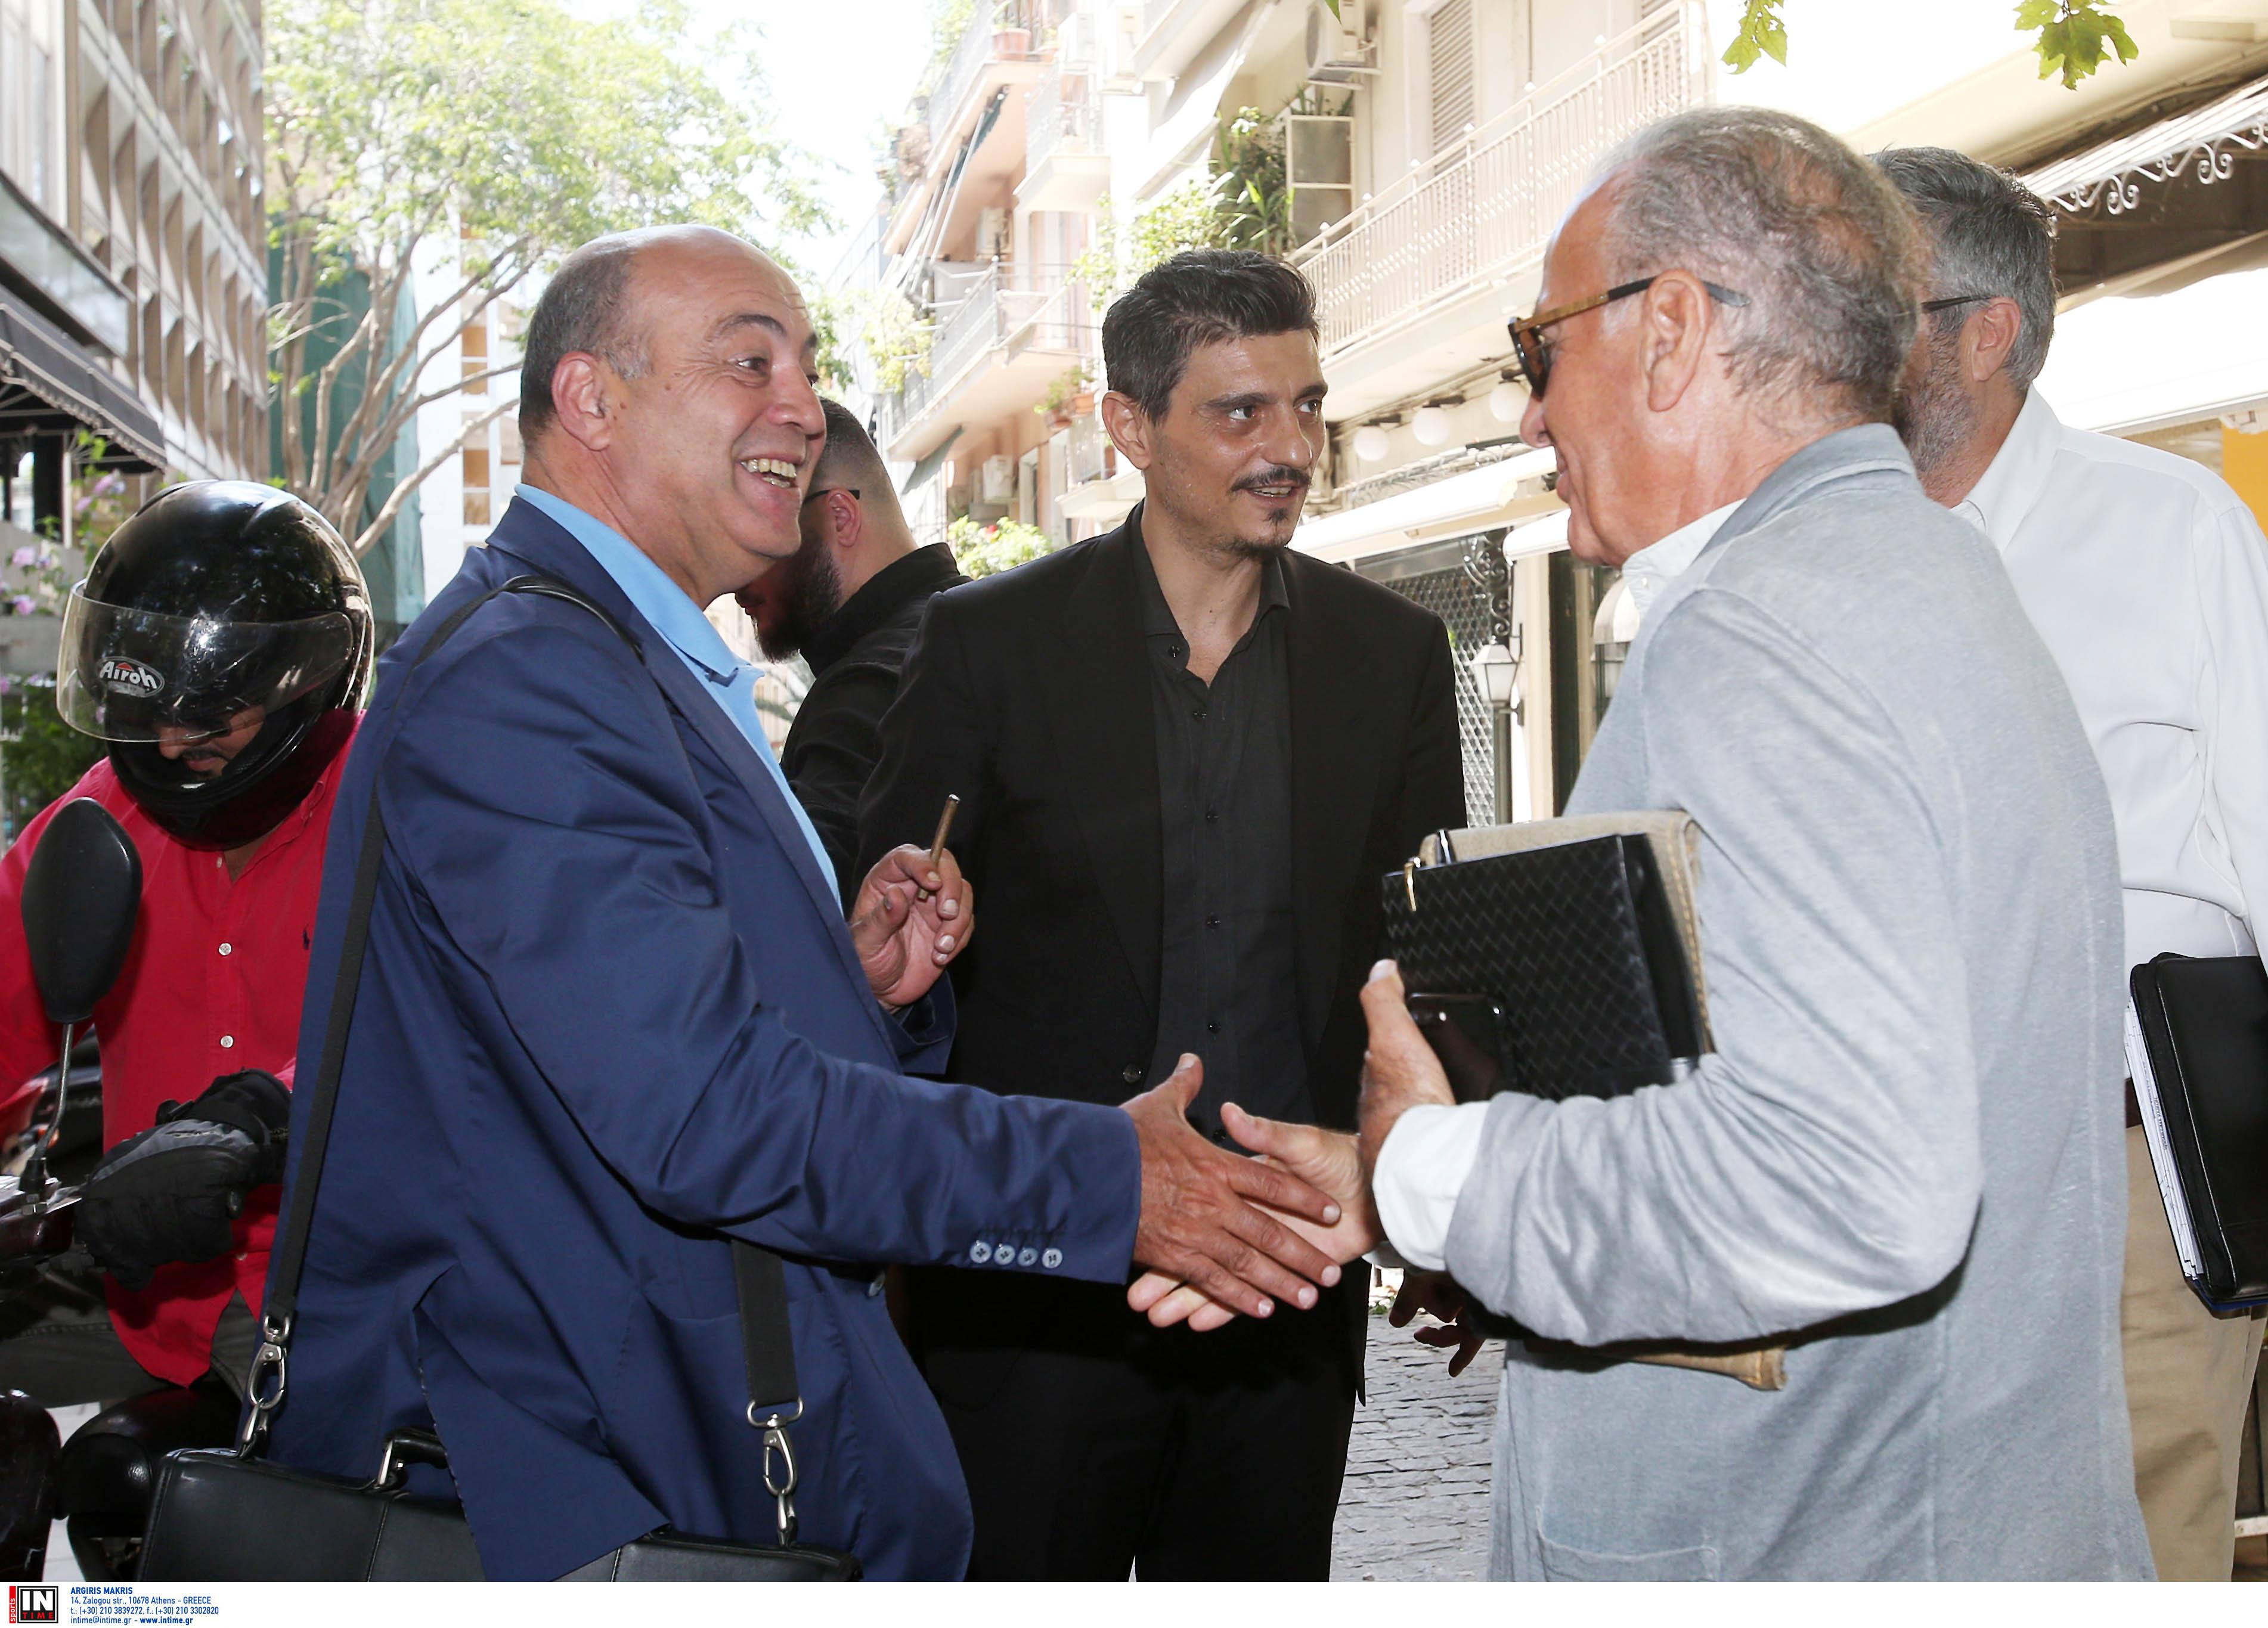 Η κοινή ανακοίνωση Δήμου Αθηναίων – Ερασιτέχνη Παναθηναϊκού